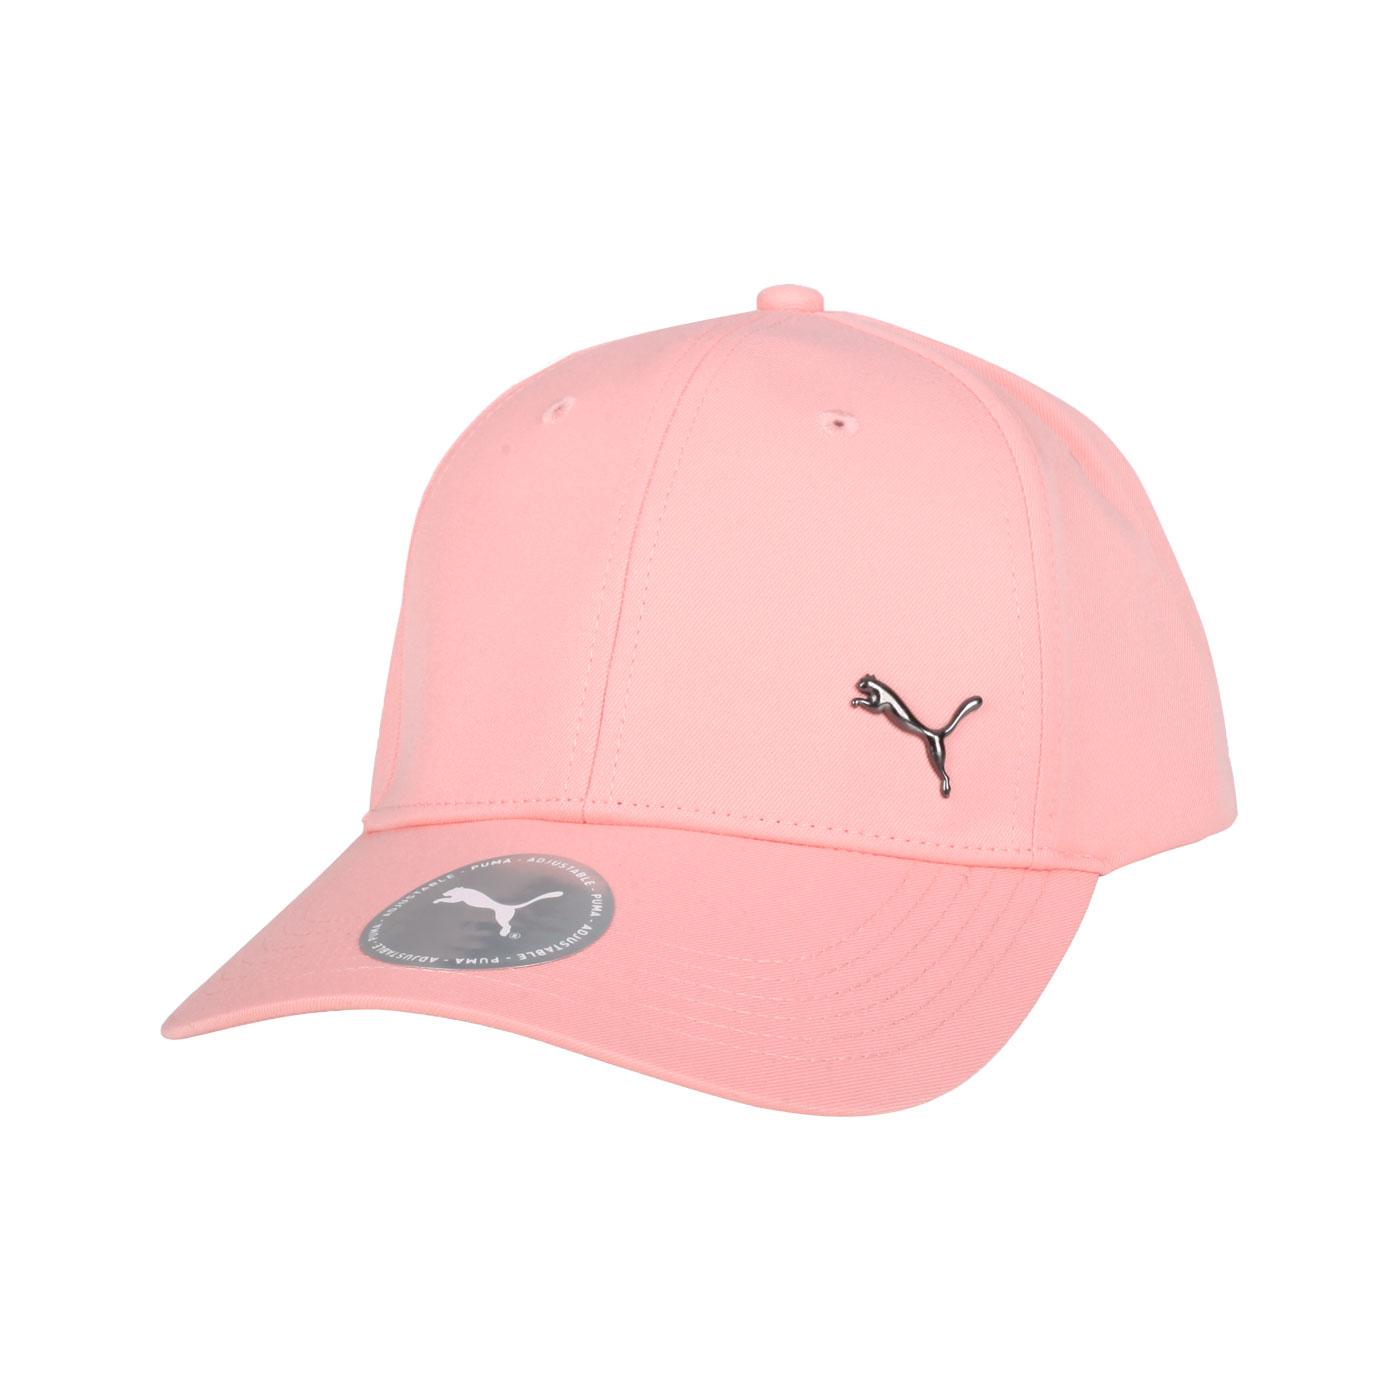 PUMA 基本系列棒球帽 02126939